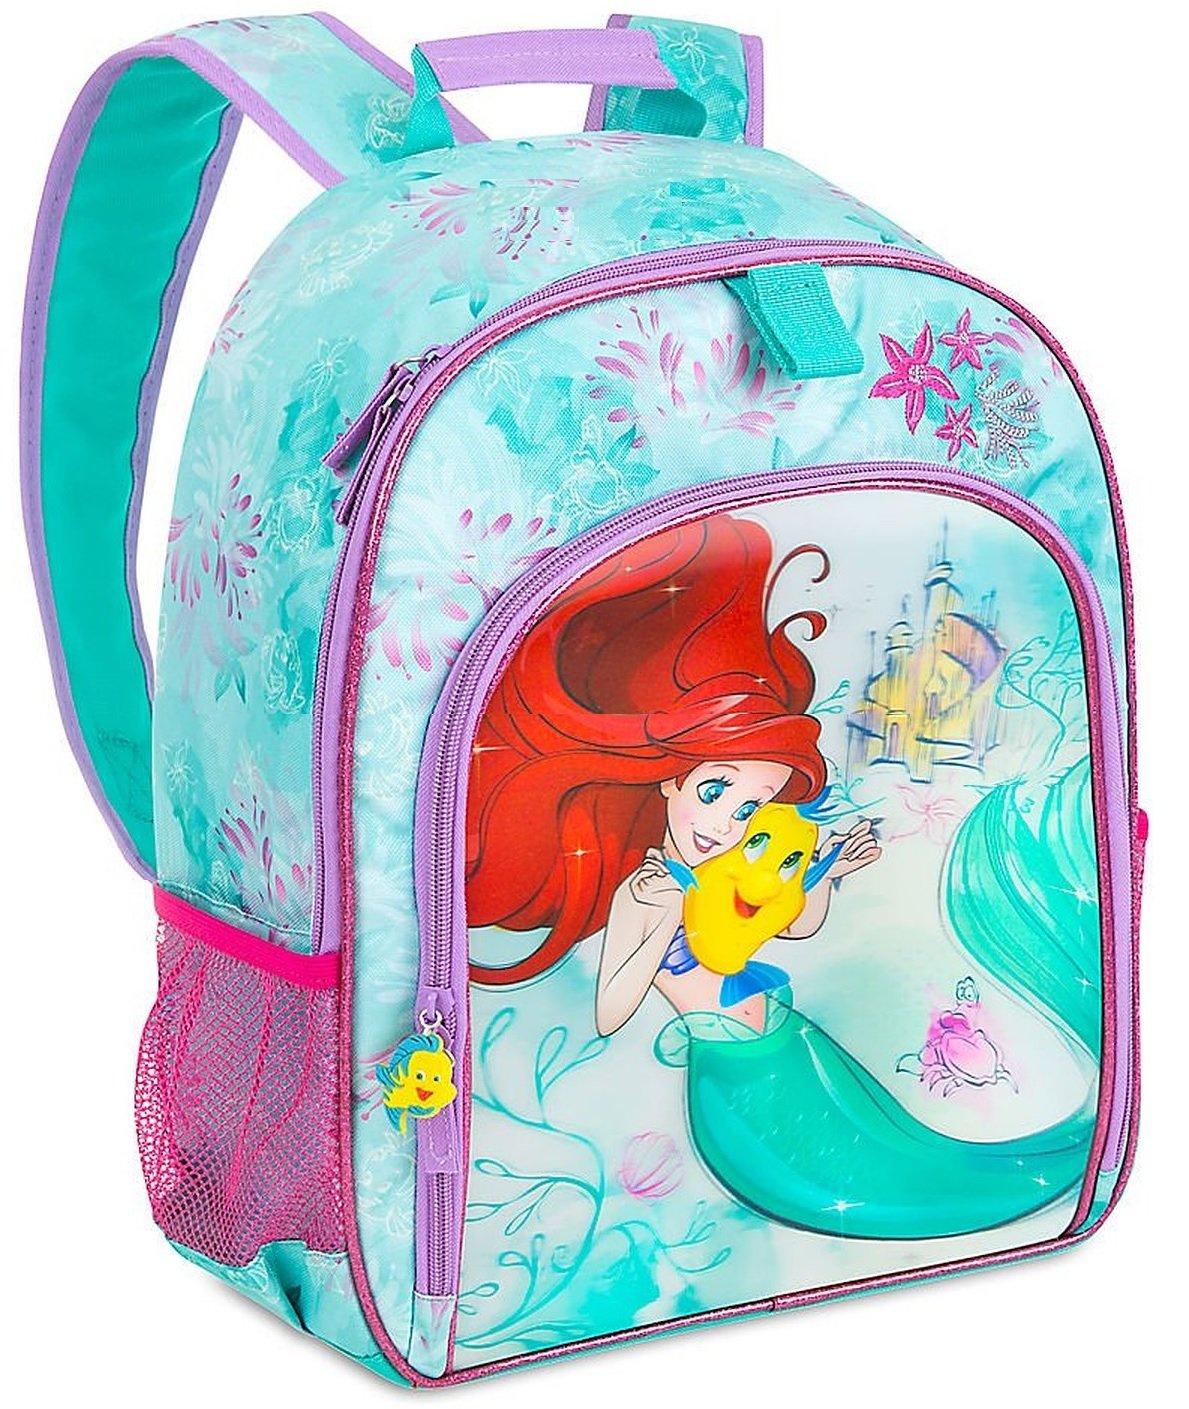 [ディズニー]Disney Store Ariel The Little Mermaid Backpack 2725047150295 [並行輸入品]   B01IFHVXBE